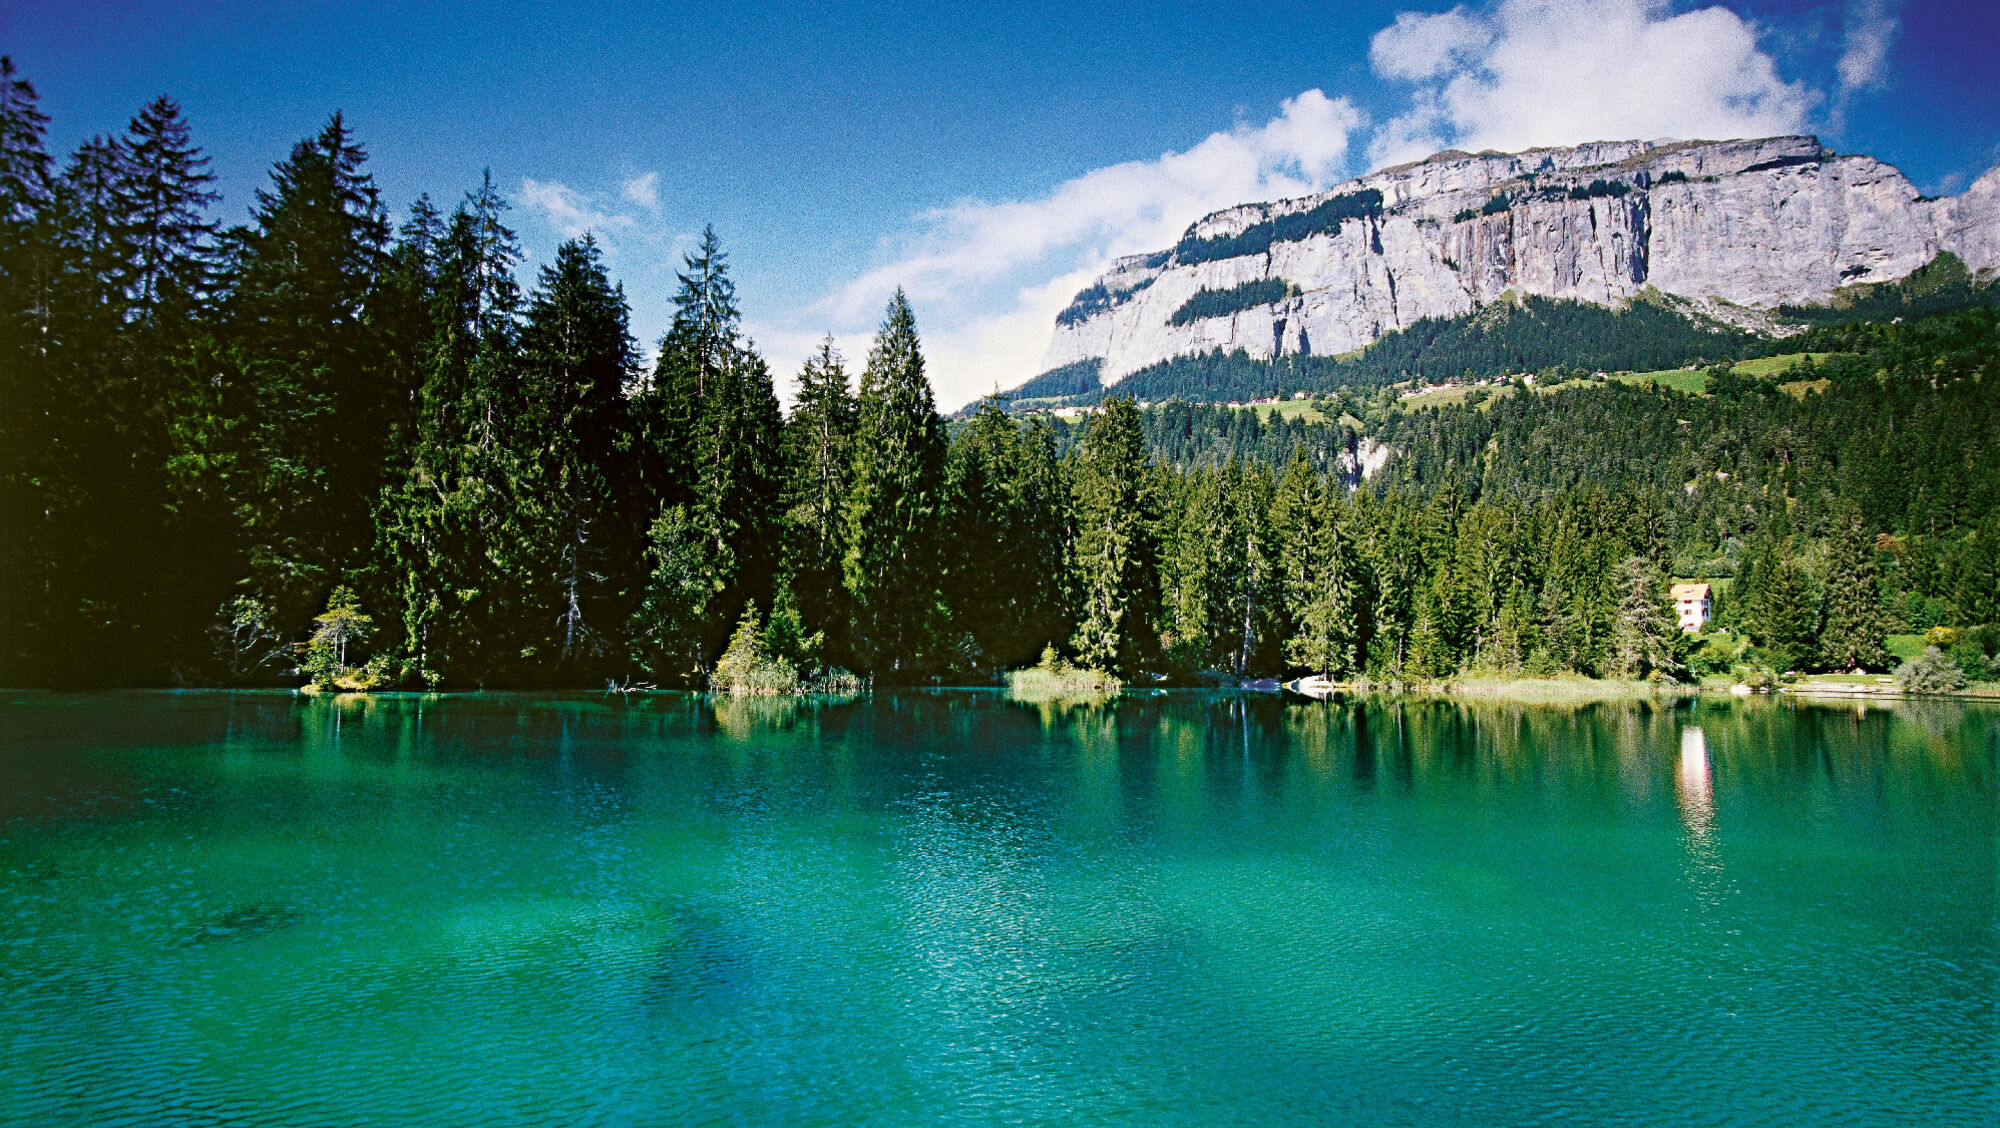 Bergkulisse am Crestasee